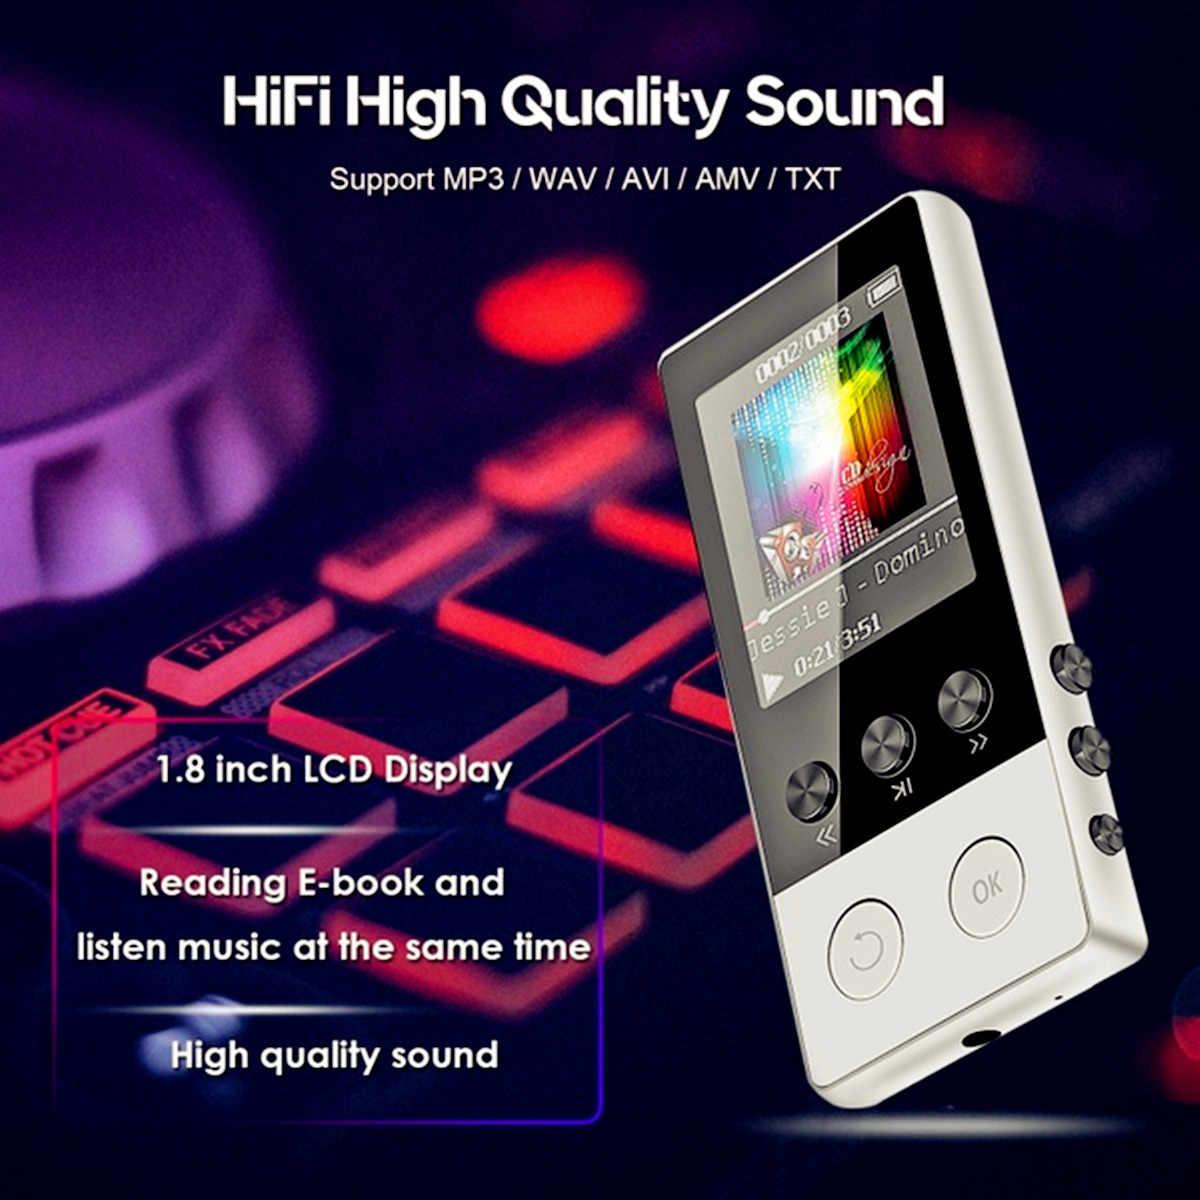 Fino a 128GB bluetooth MP3 Auricolari del Lettore Hi-fi Radio fm Sport MP 4 HiFi Lettori di Musica Portatili di Registrazione Vocale registratore Carta di TF